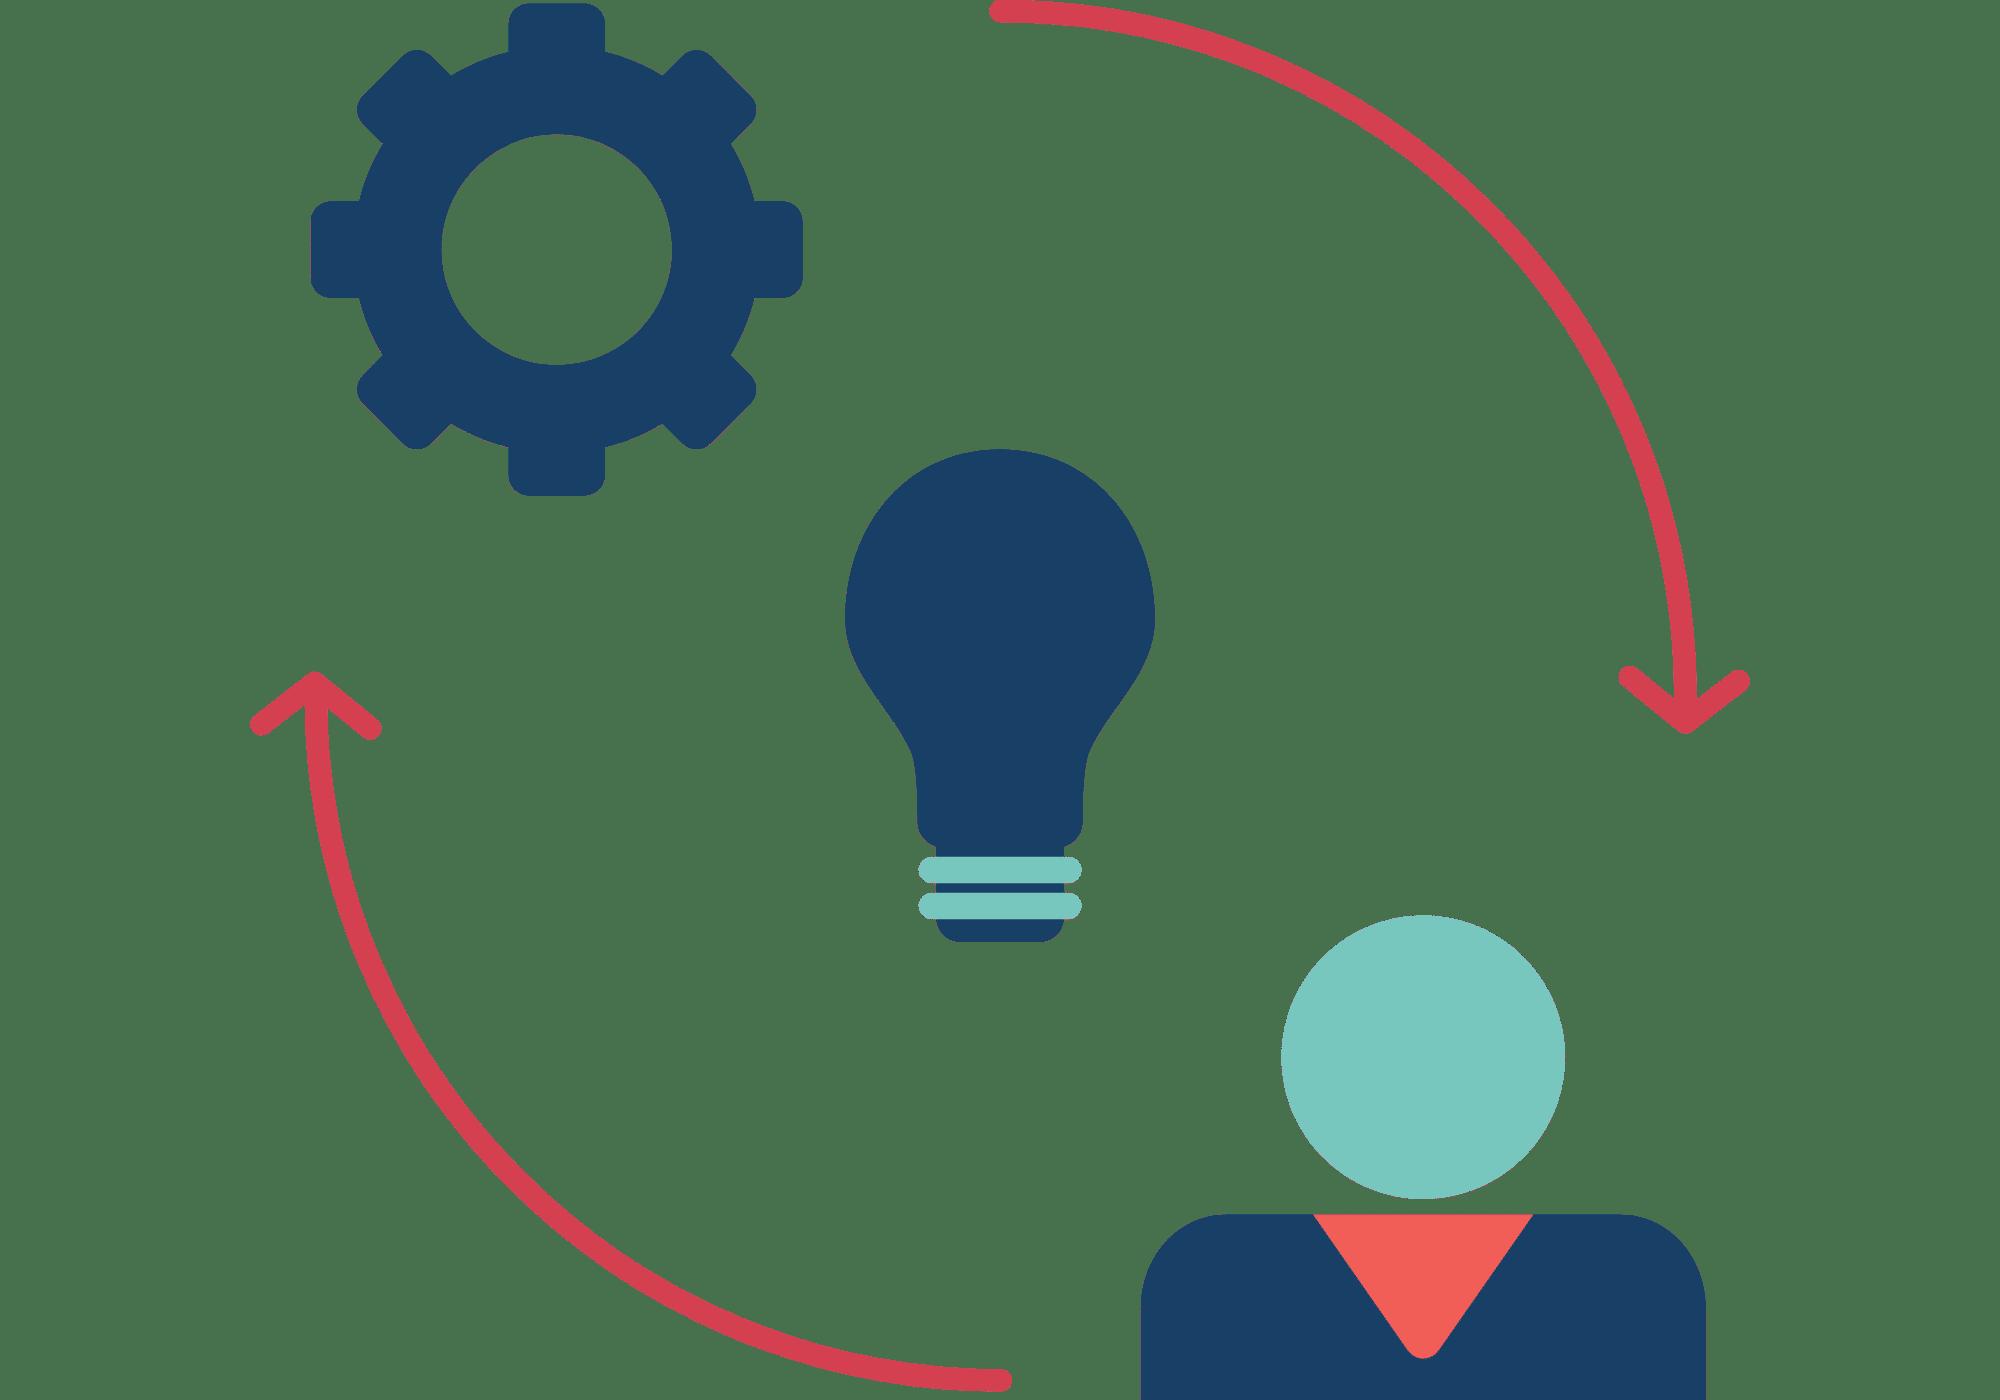 Persona-ontwikkeling - Efficiëntere marketing - Productpagina